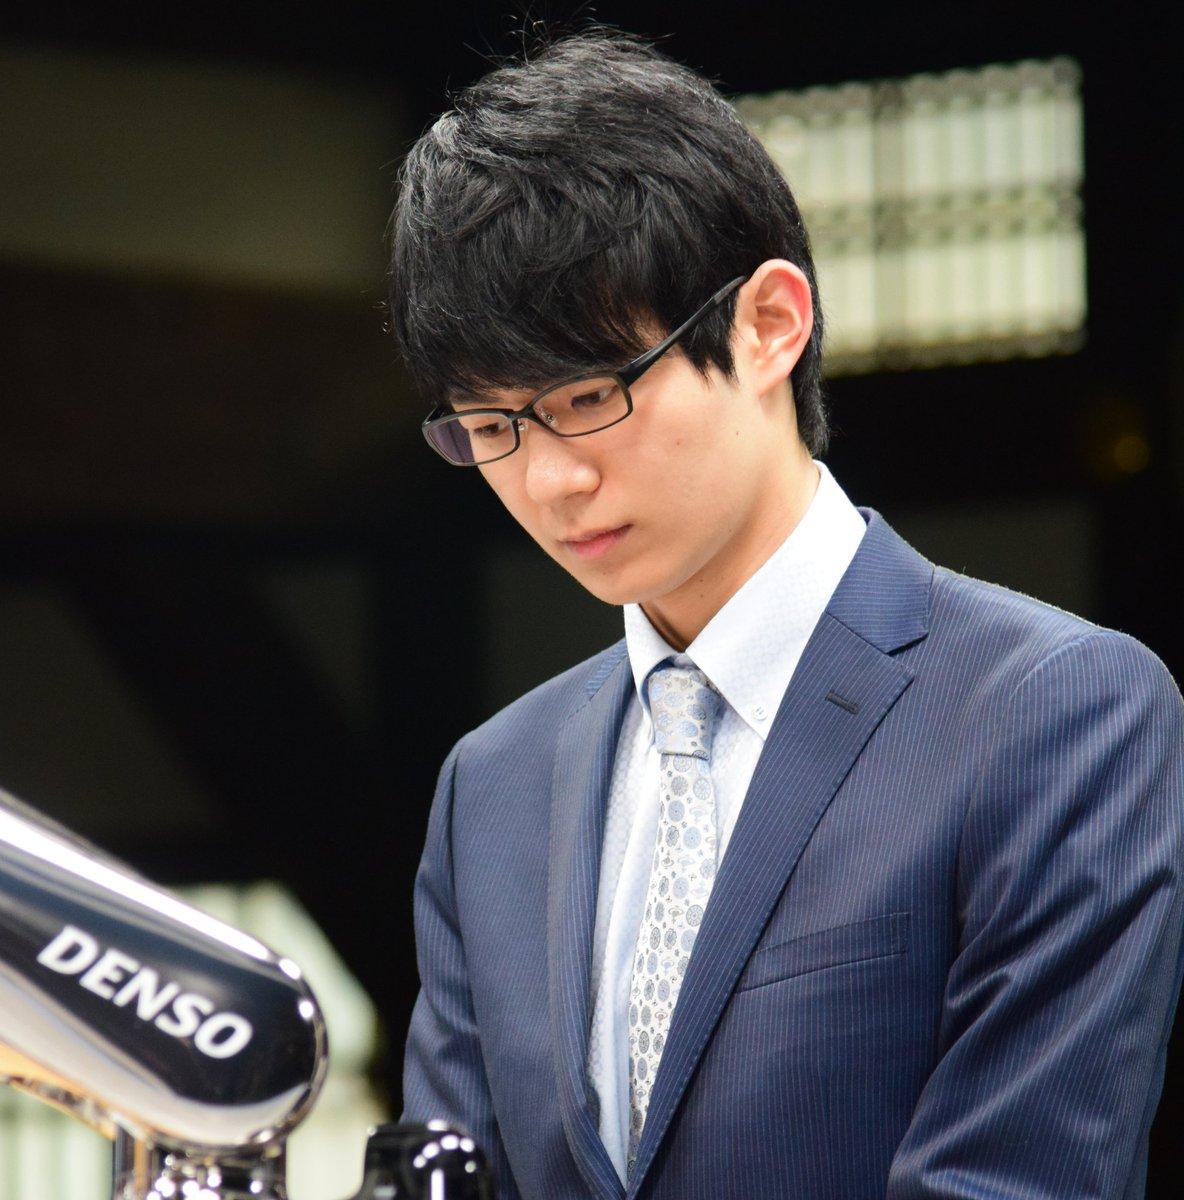 【将棋】イケメン棋士の魅力にハマる女性が激増中…「涼しく凛とした佇まいは、文系男子の最終形態です」